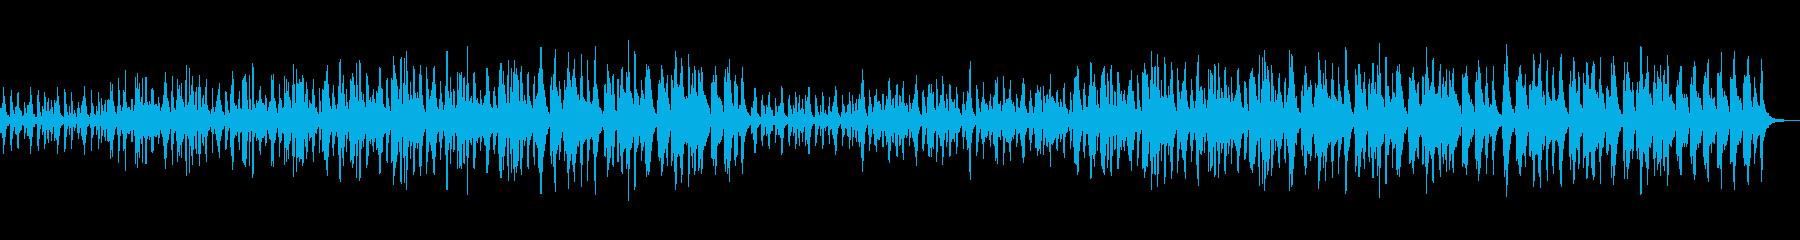 明るく元気な行進曲調のブラスバンド曲ですの再生済みの波形